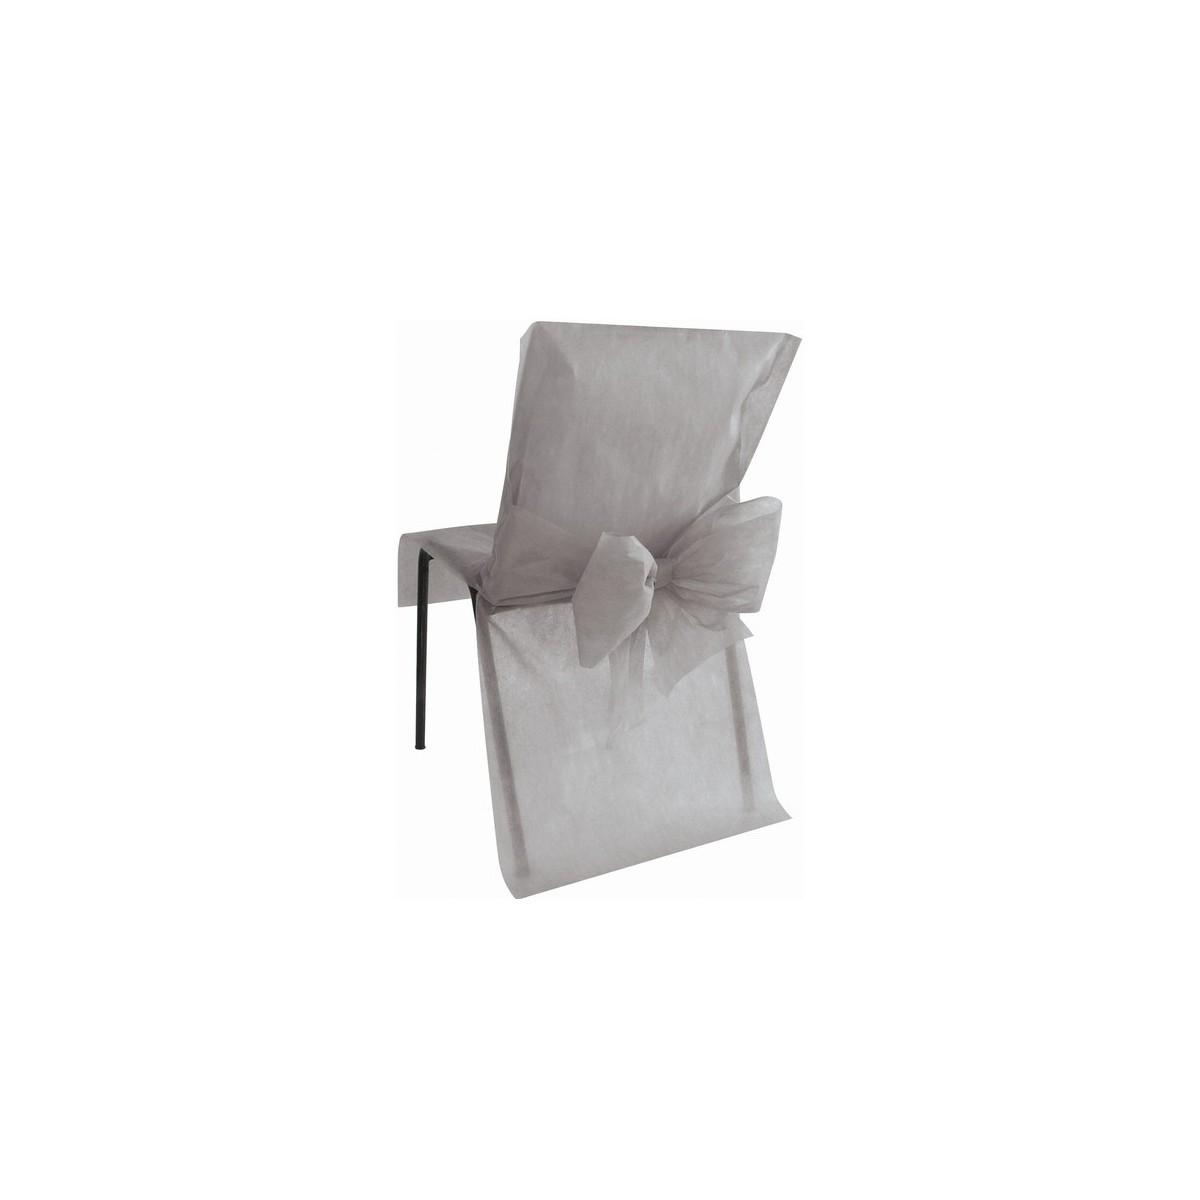 10 housses de chaise grises les p tites f es - Patron housse de chaise mariage gratuit ...